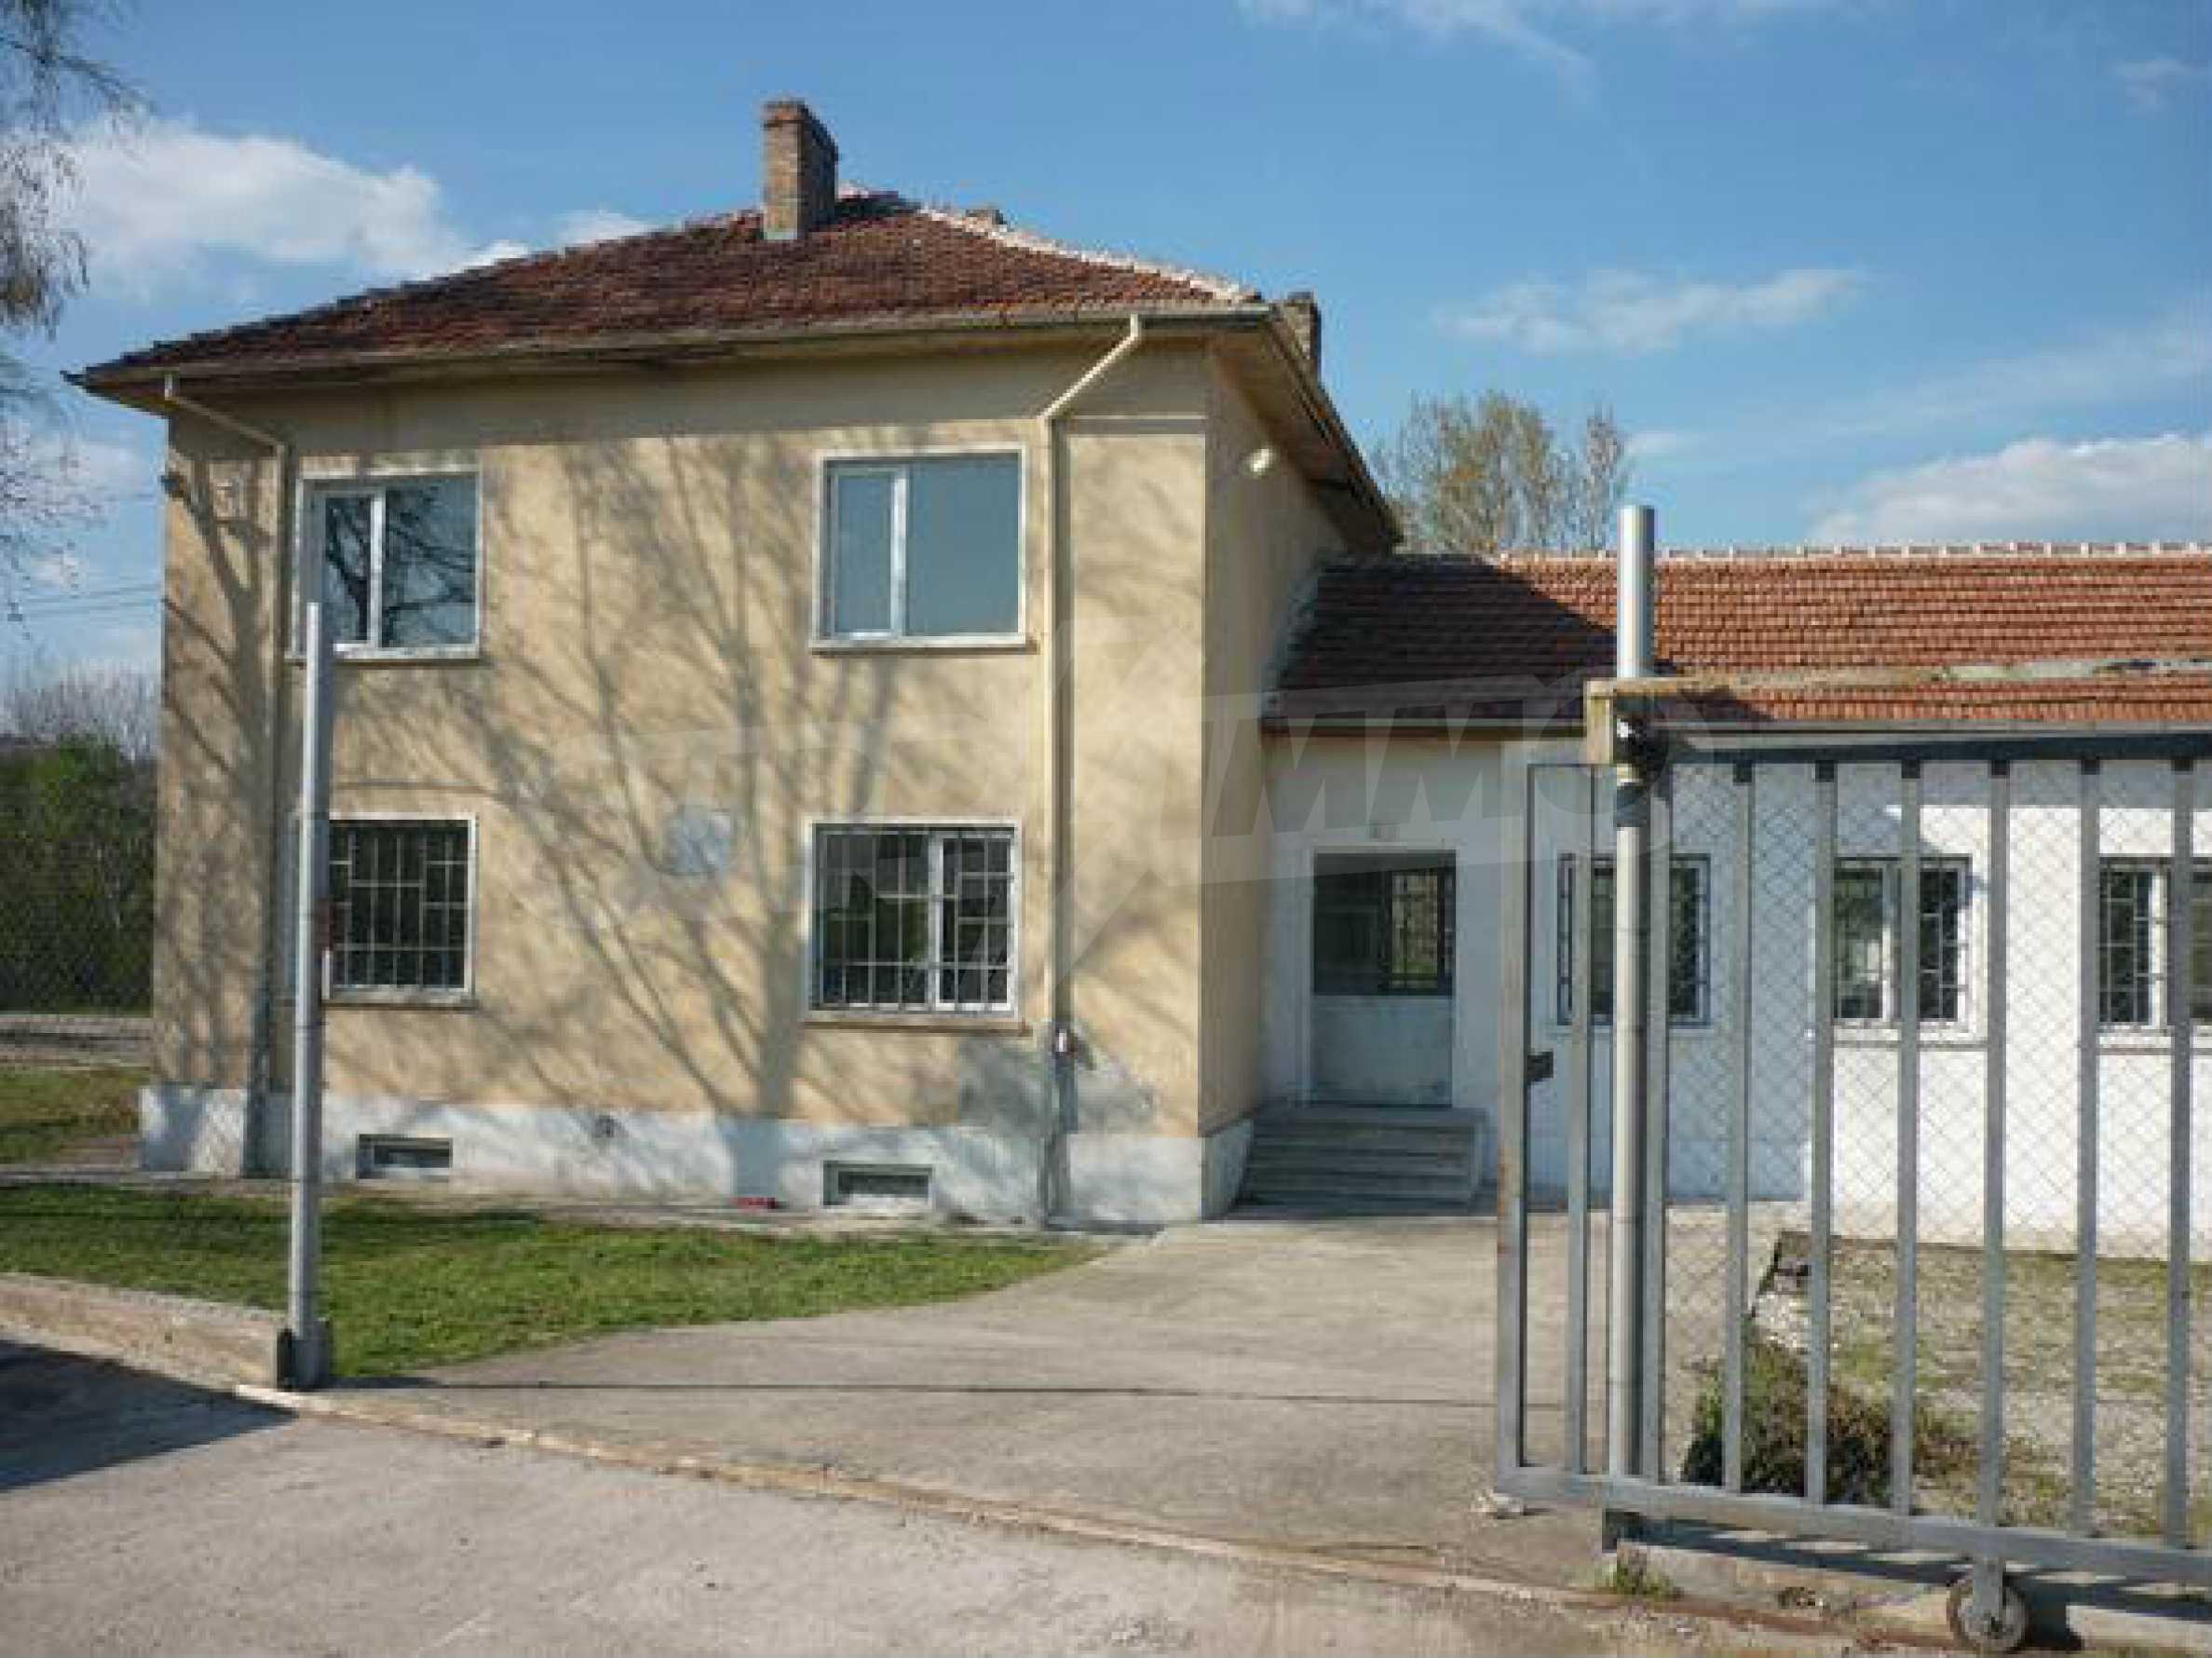 Industriegelände in einem Dorf 6 km von der Stadt Lovech entfernt 2